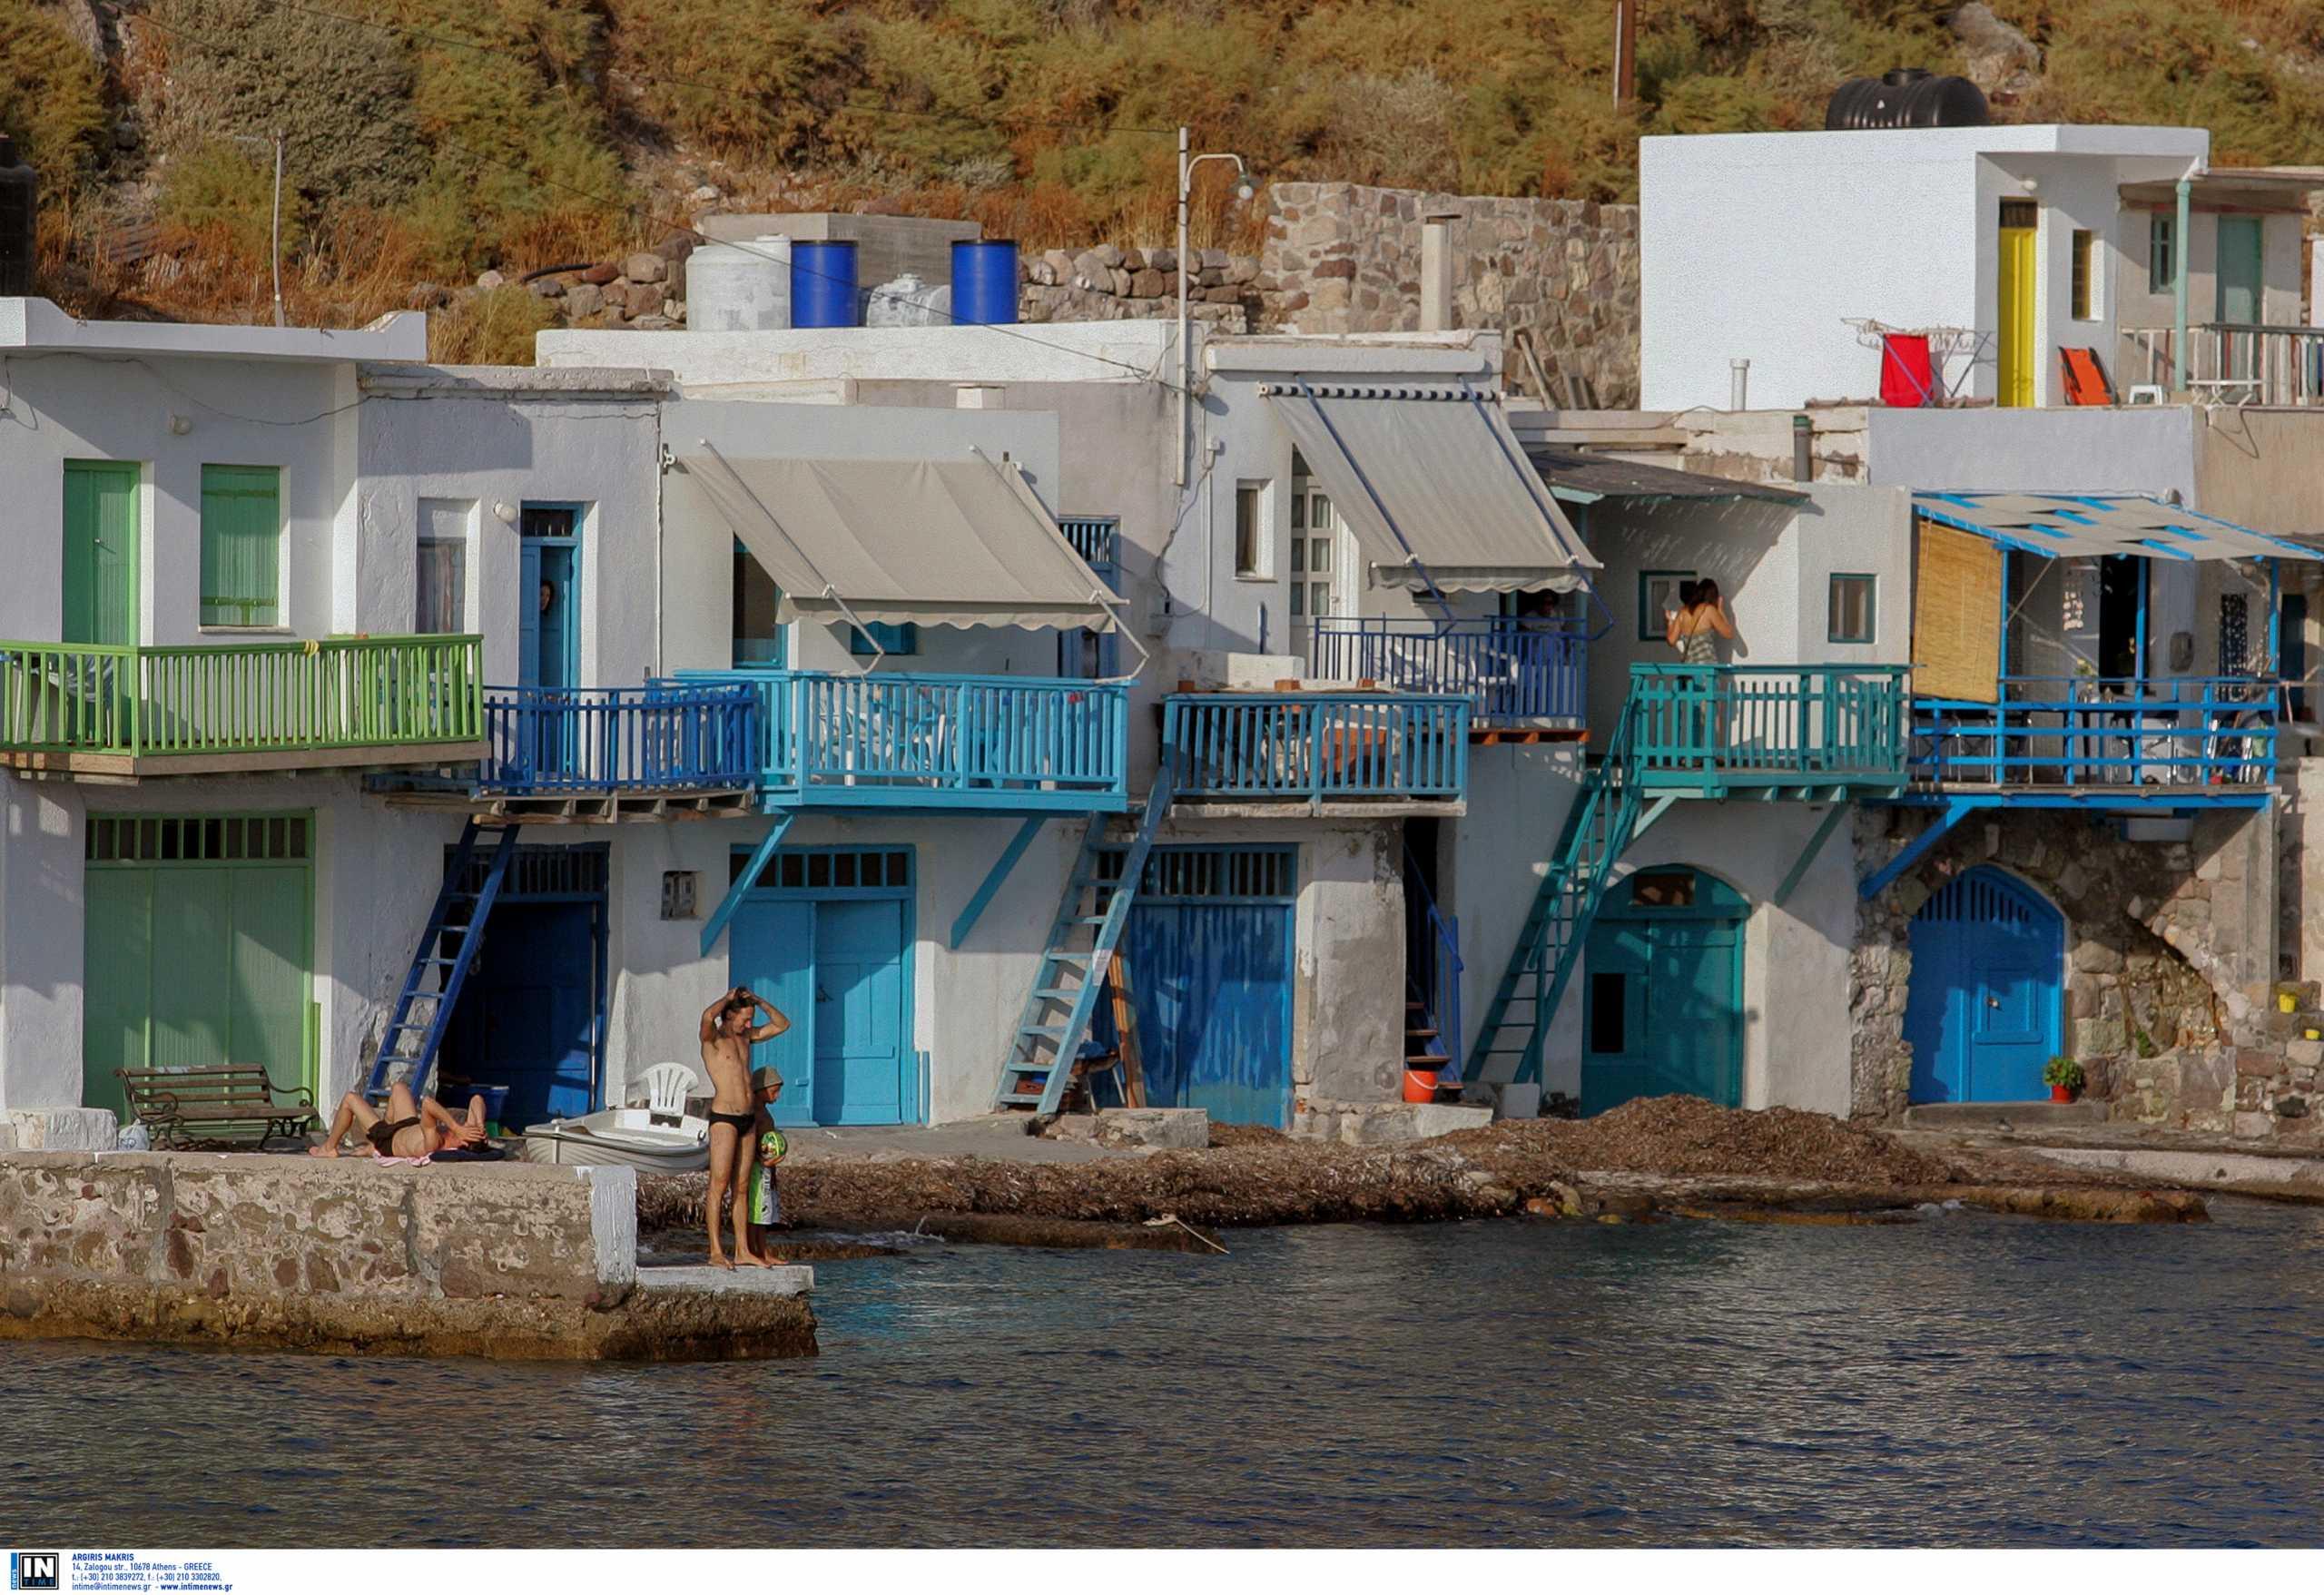 BBC: Αποθεώνει τα ελληνικά νησιά και το σχέδιο Γαλάζια Ελευθερία που θα τα καταστήσει COVID-free